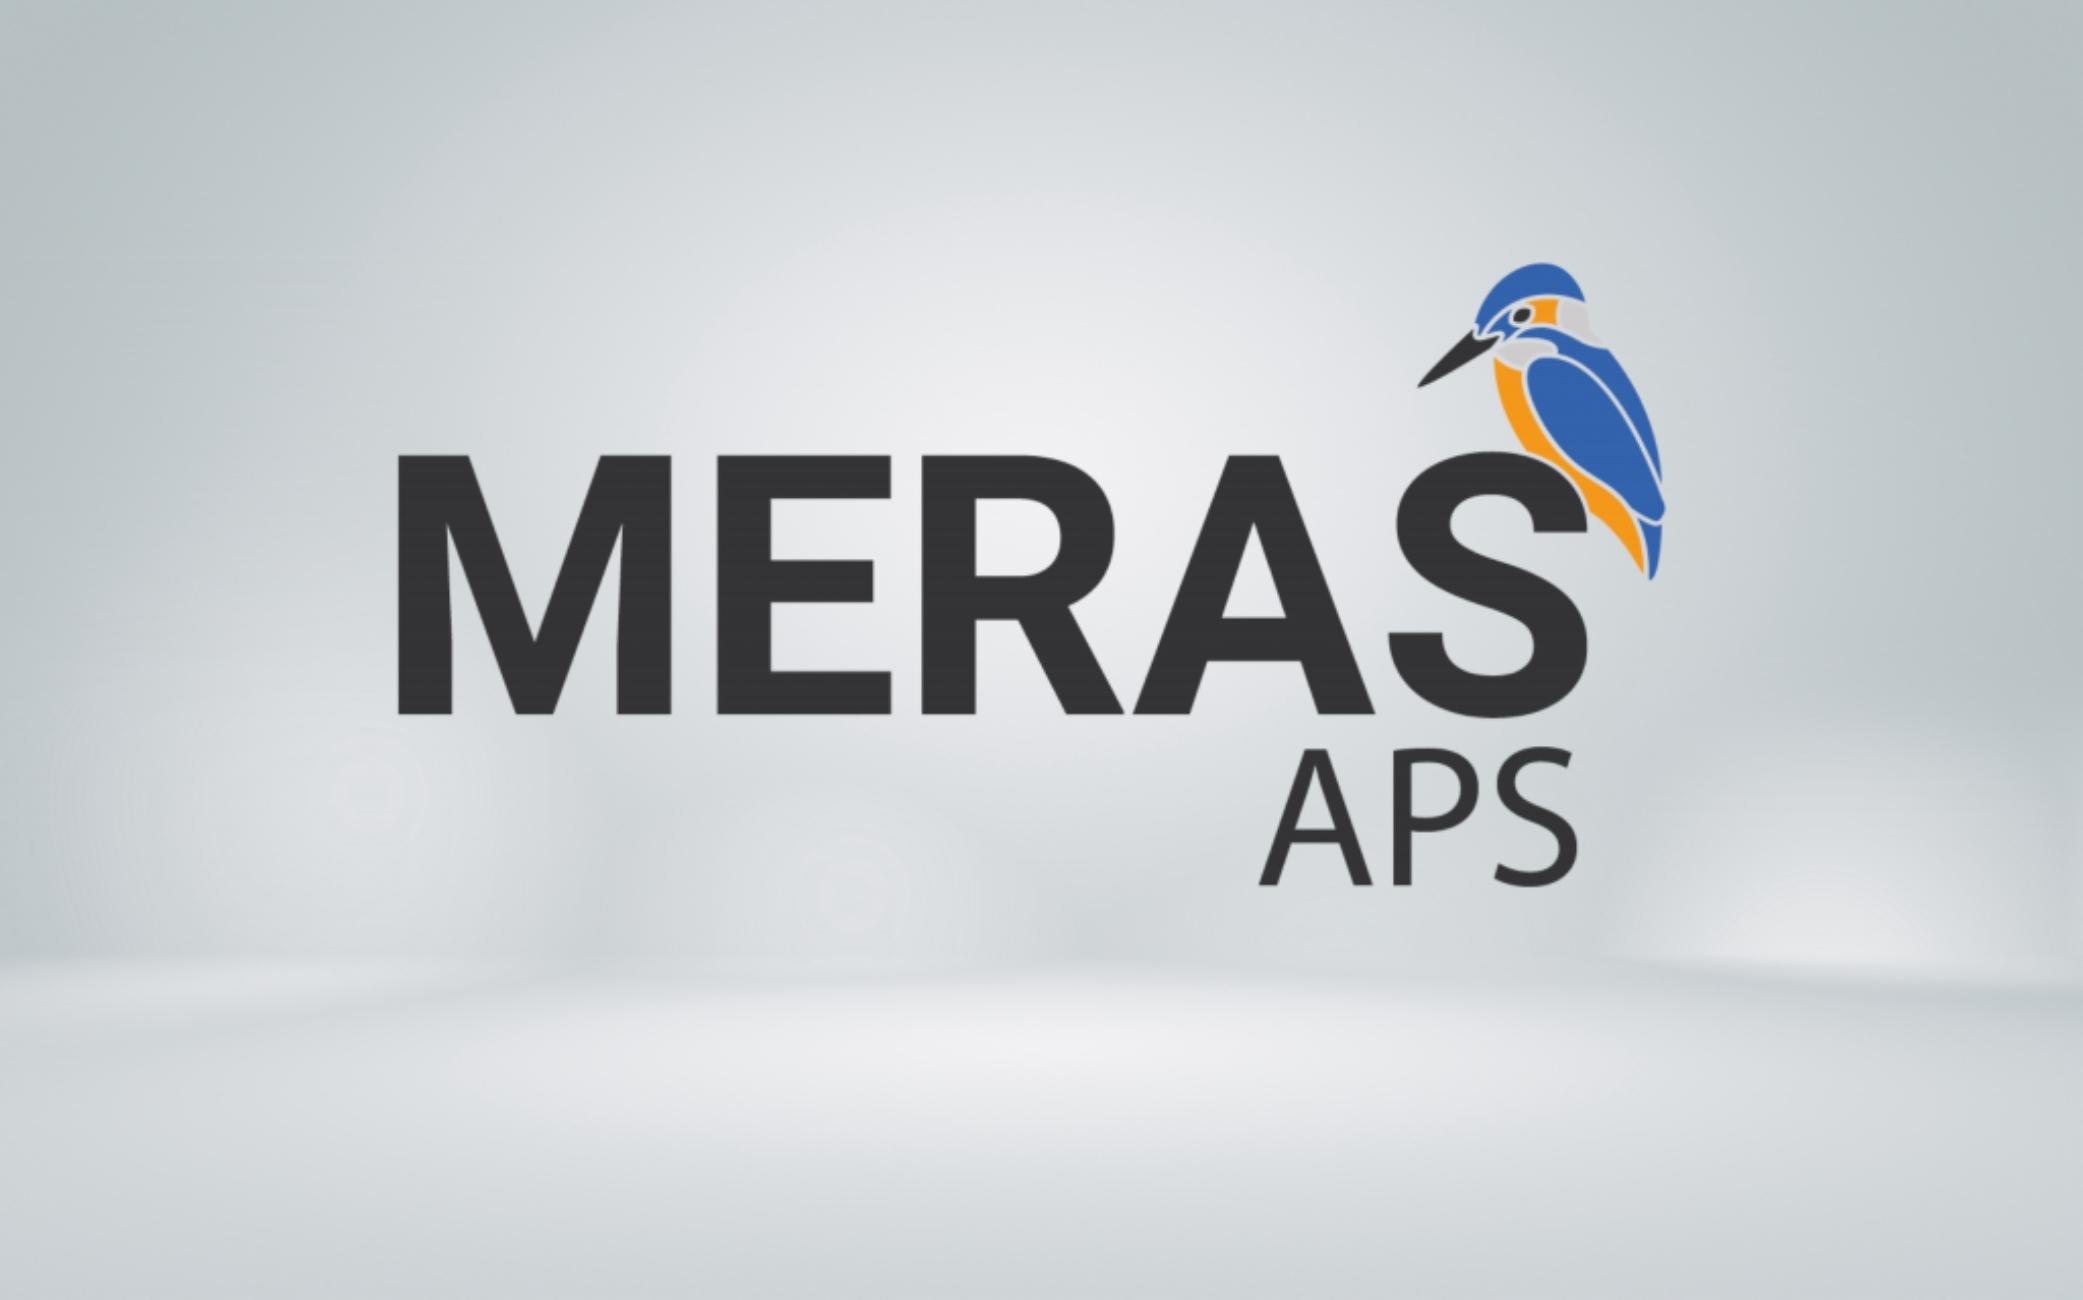 riptos-privou-cases-meras-dk-company-logo